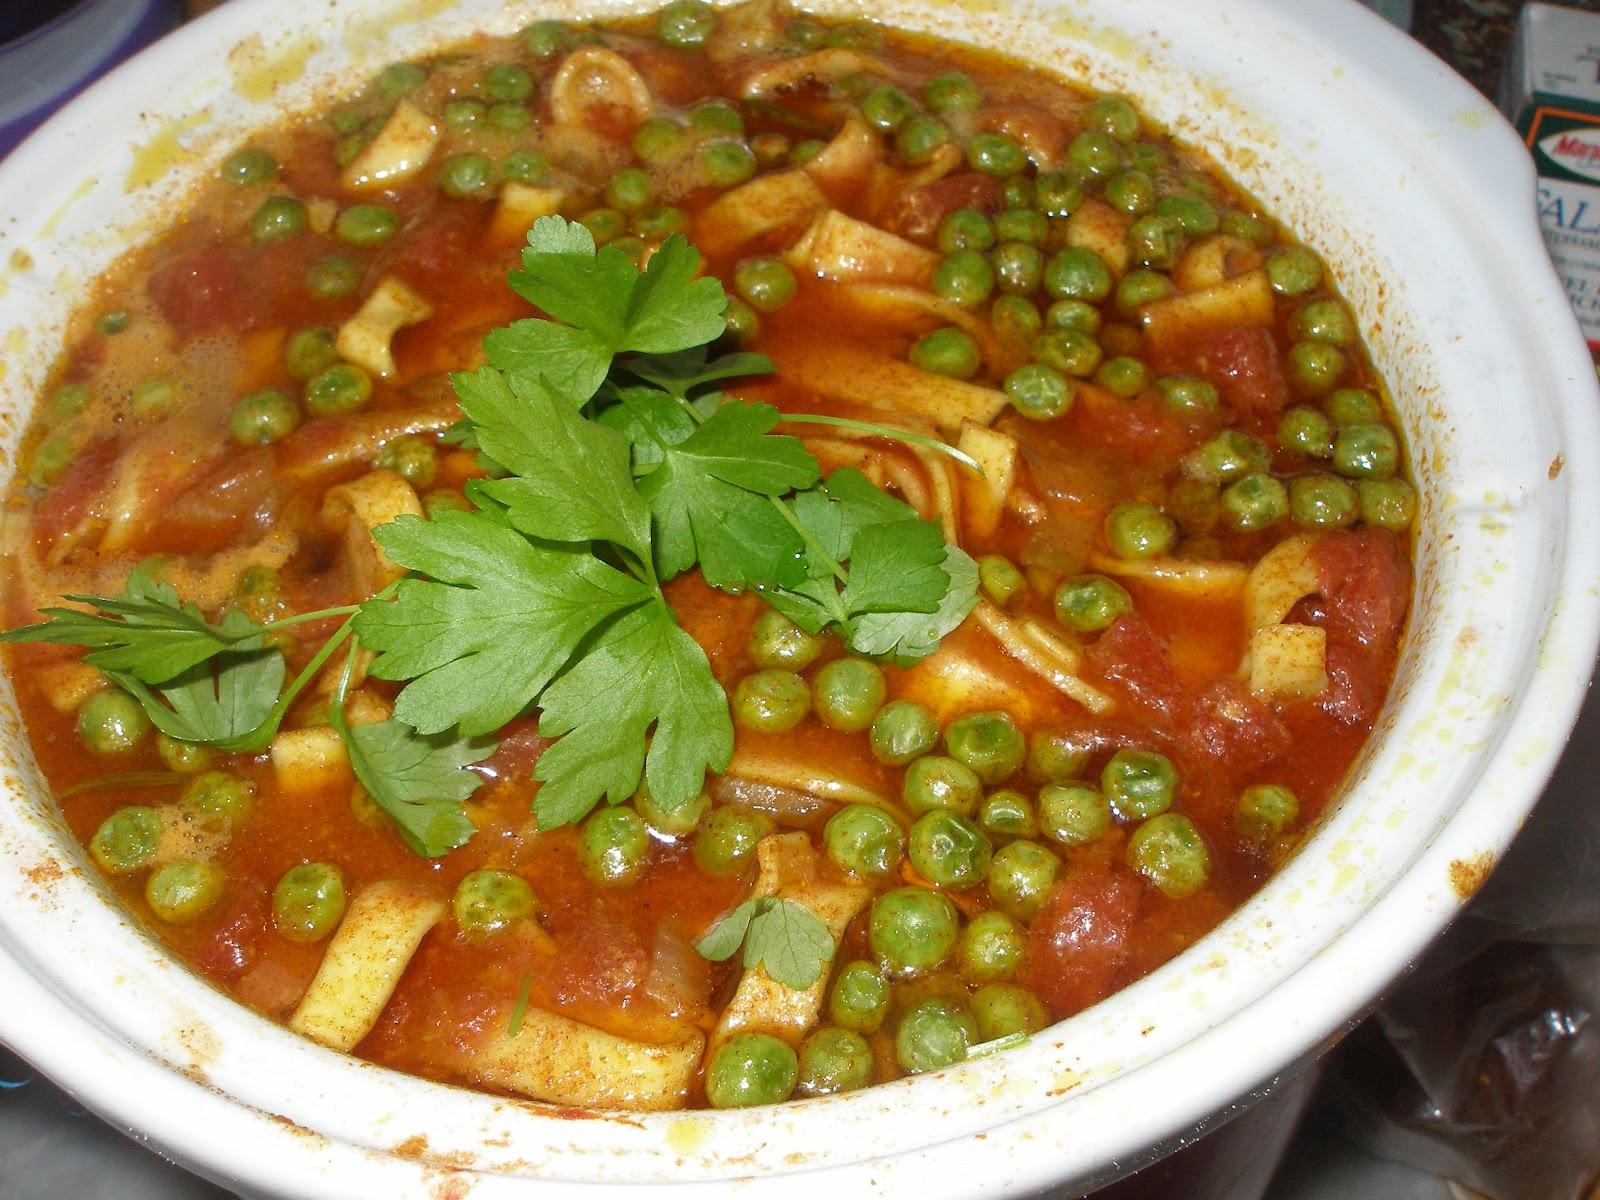 http://3.bp.blogspot.com/-UDPrx9RquMA/Ty3Uu2EX-iI/AAAAAAAAJno/6SD08yh-lGk/s1600/chicken+soup.JPG